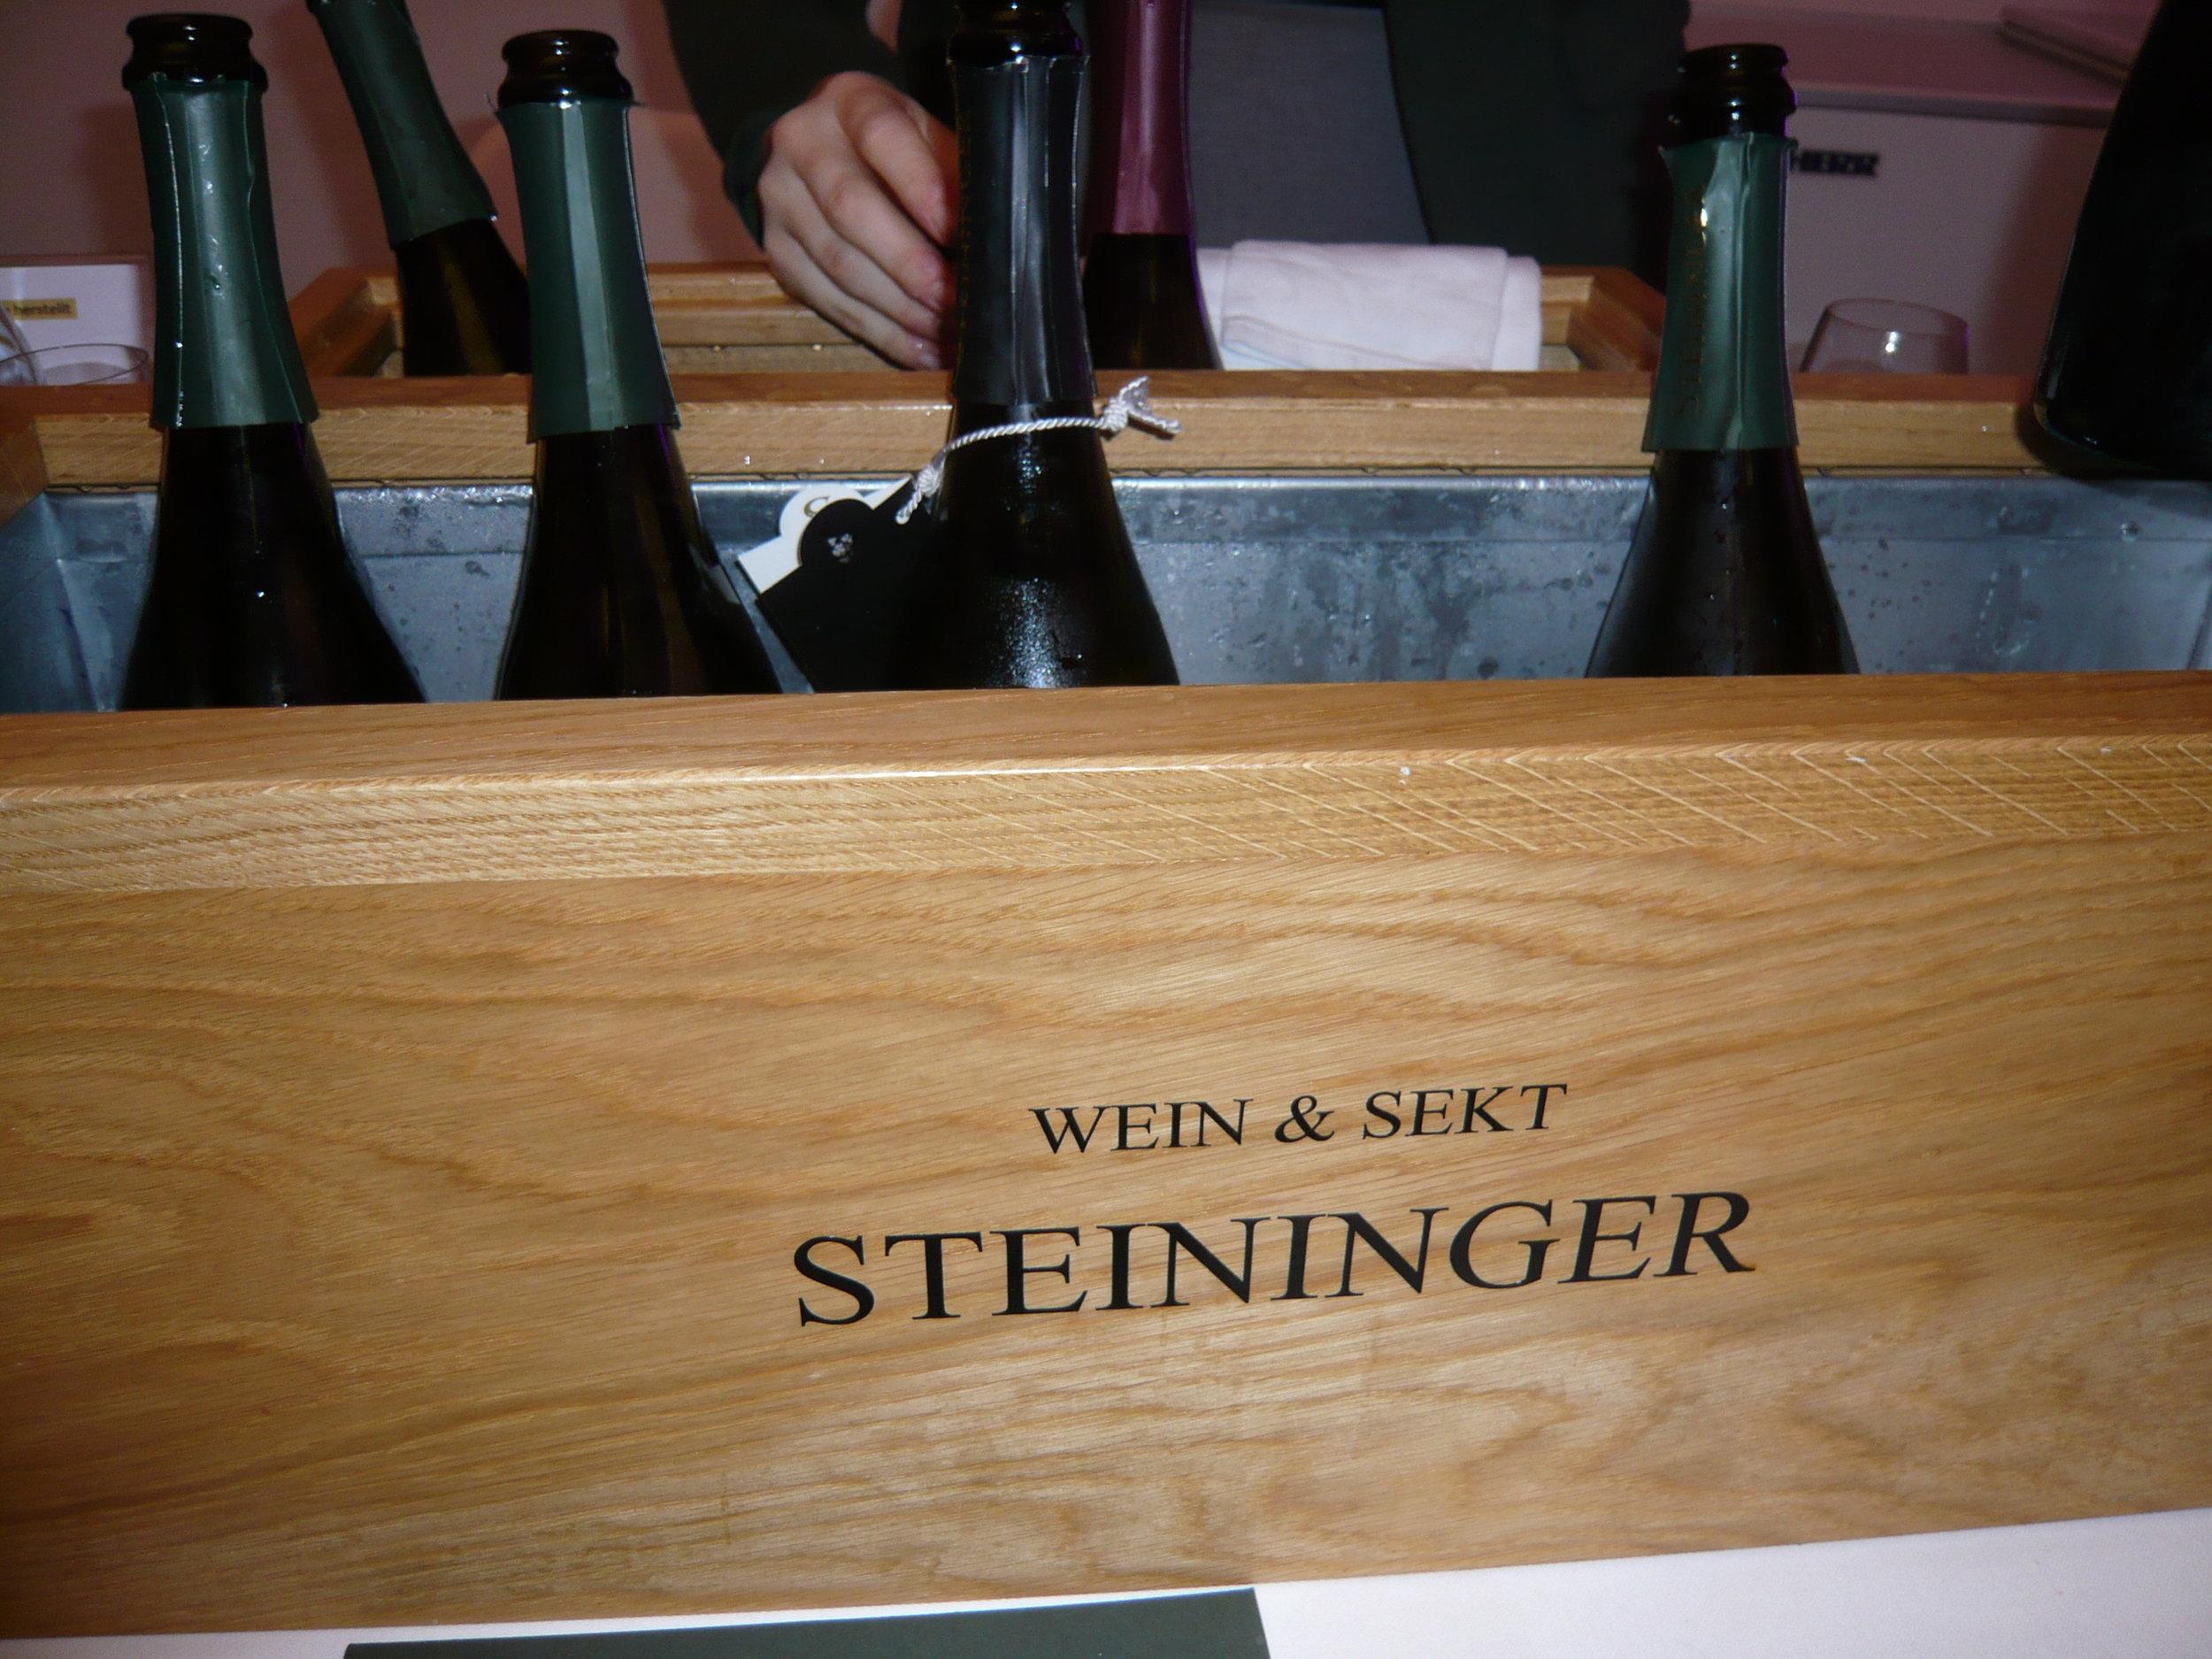 wein_steininger1.jpg